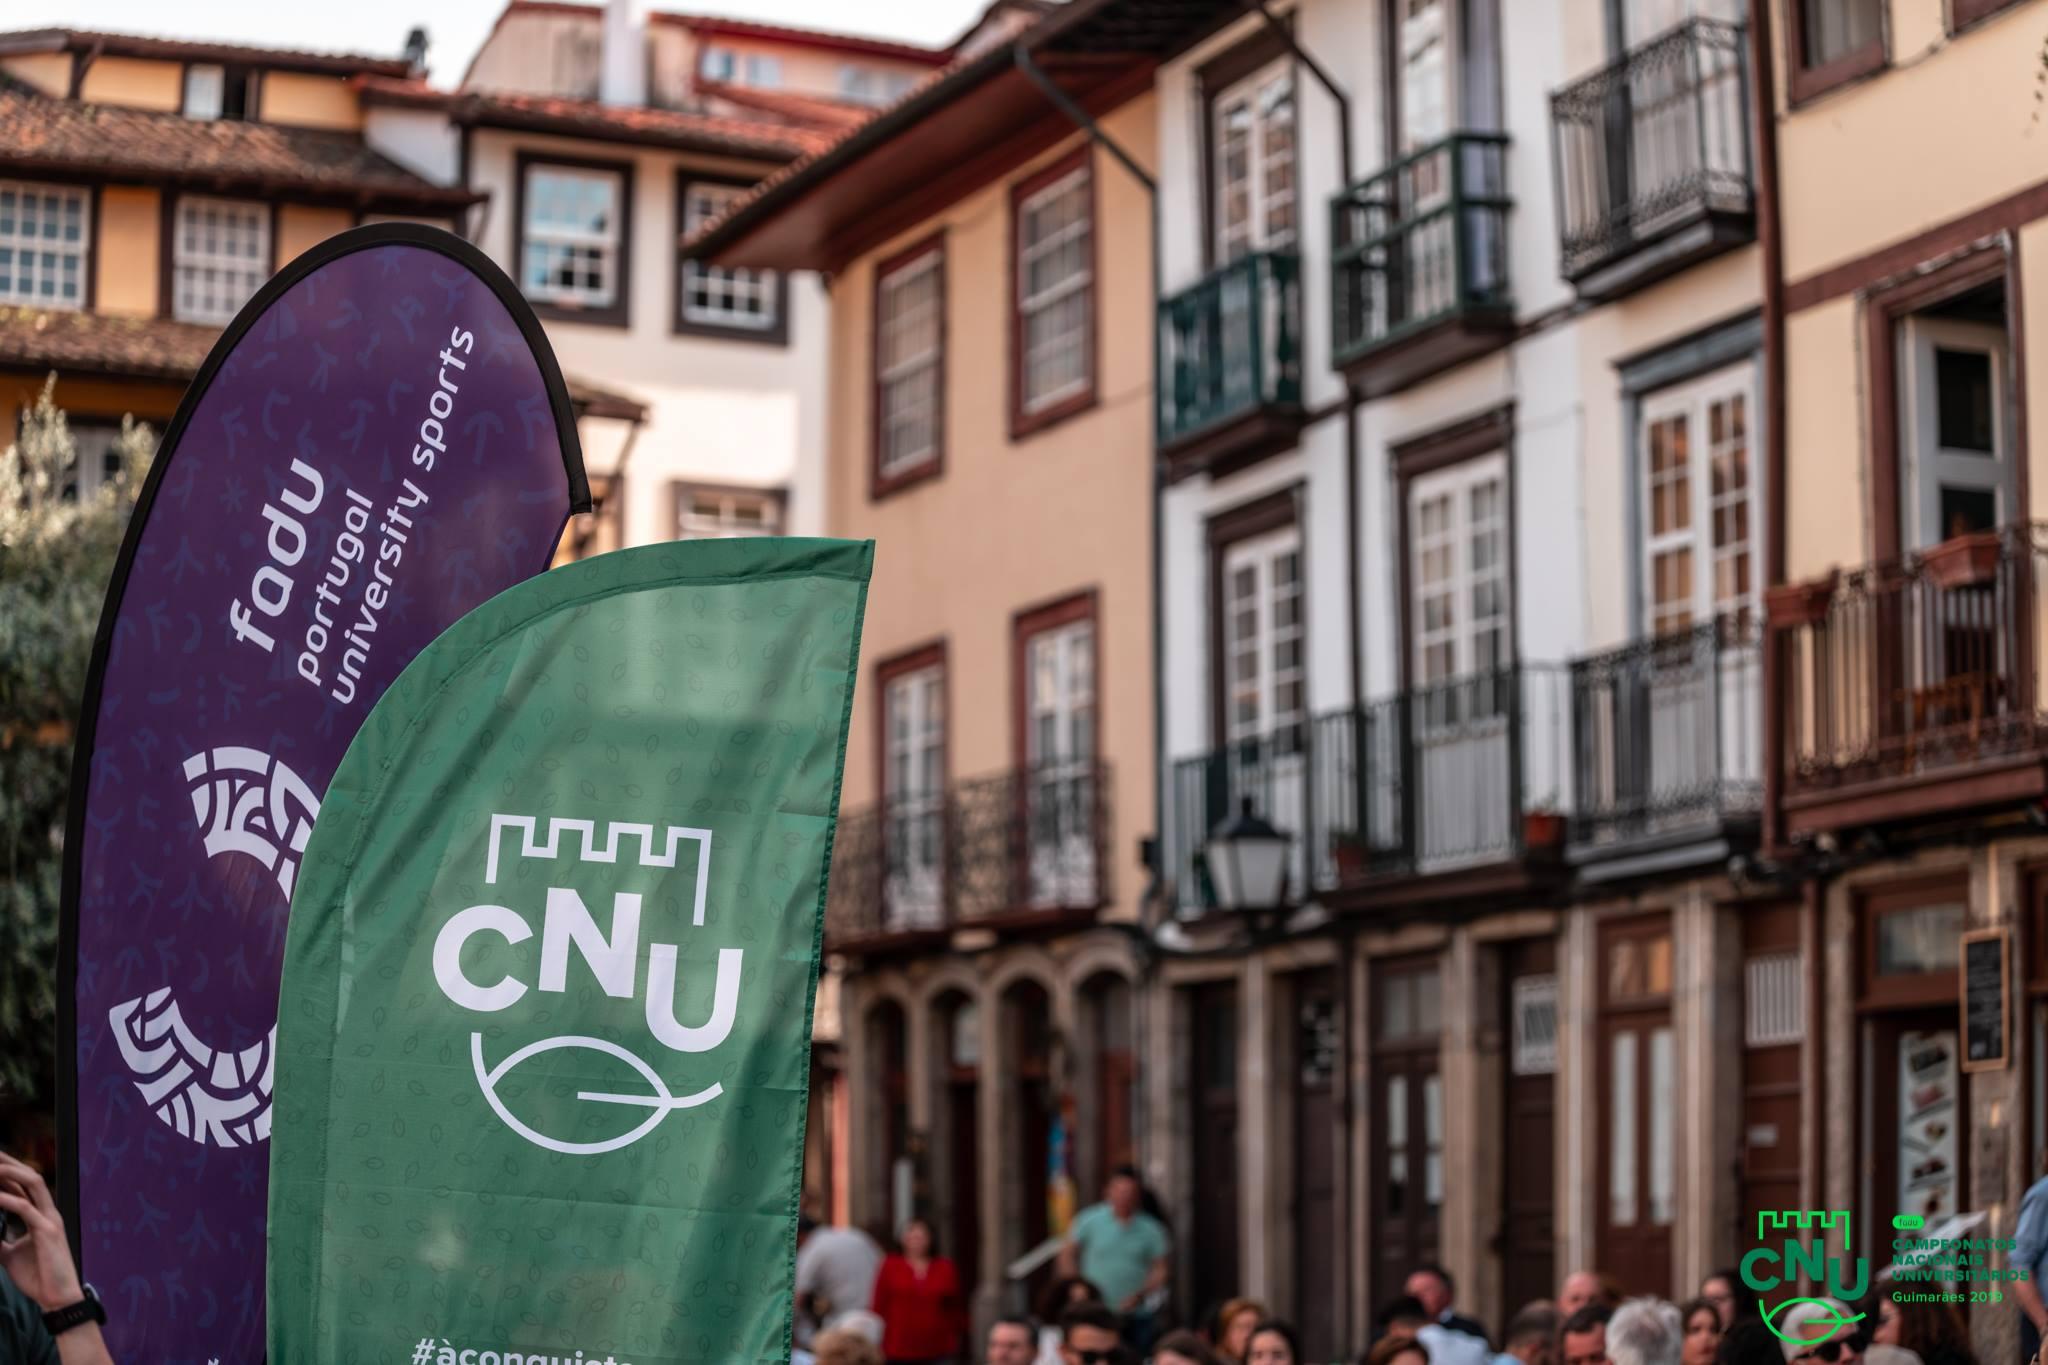 Guimarães acolhe este ano as fases finais dos Campeonatos Nacionais Universitários.